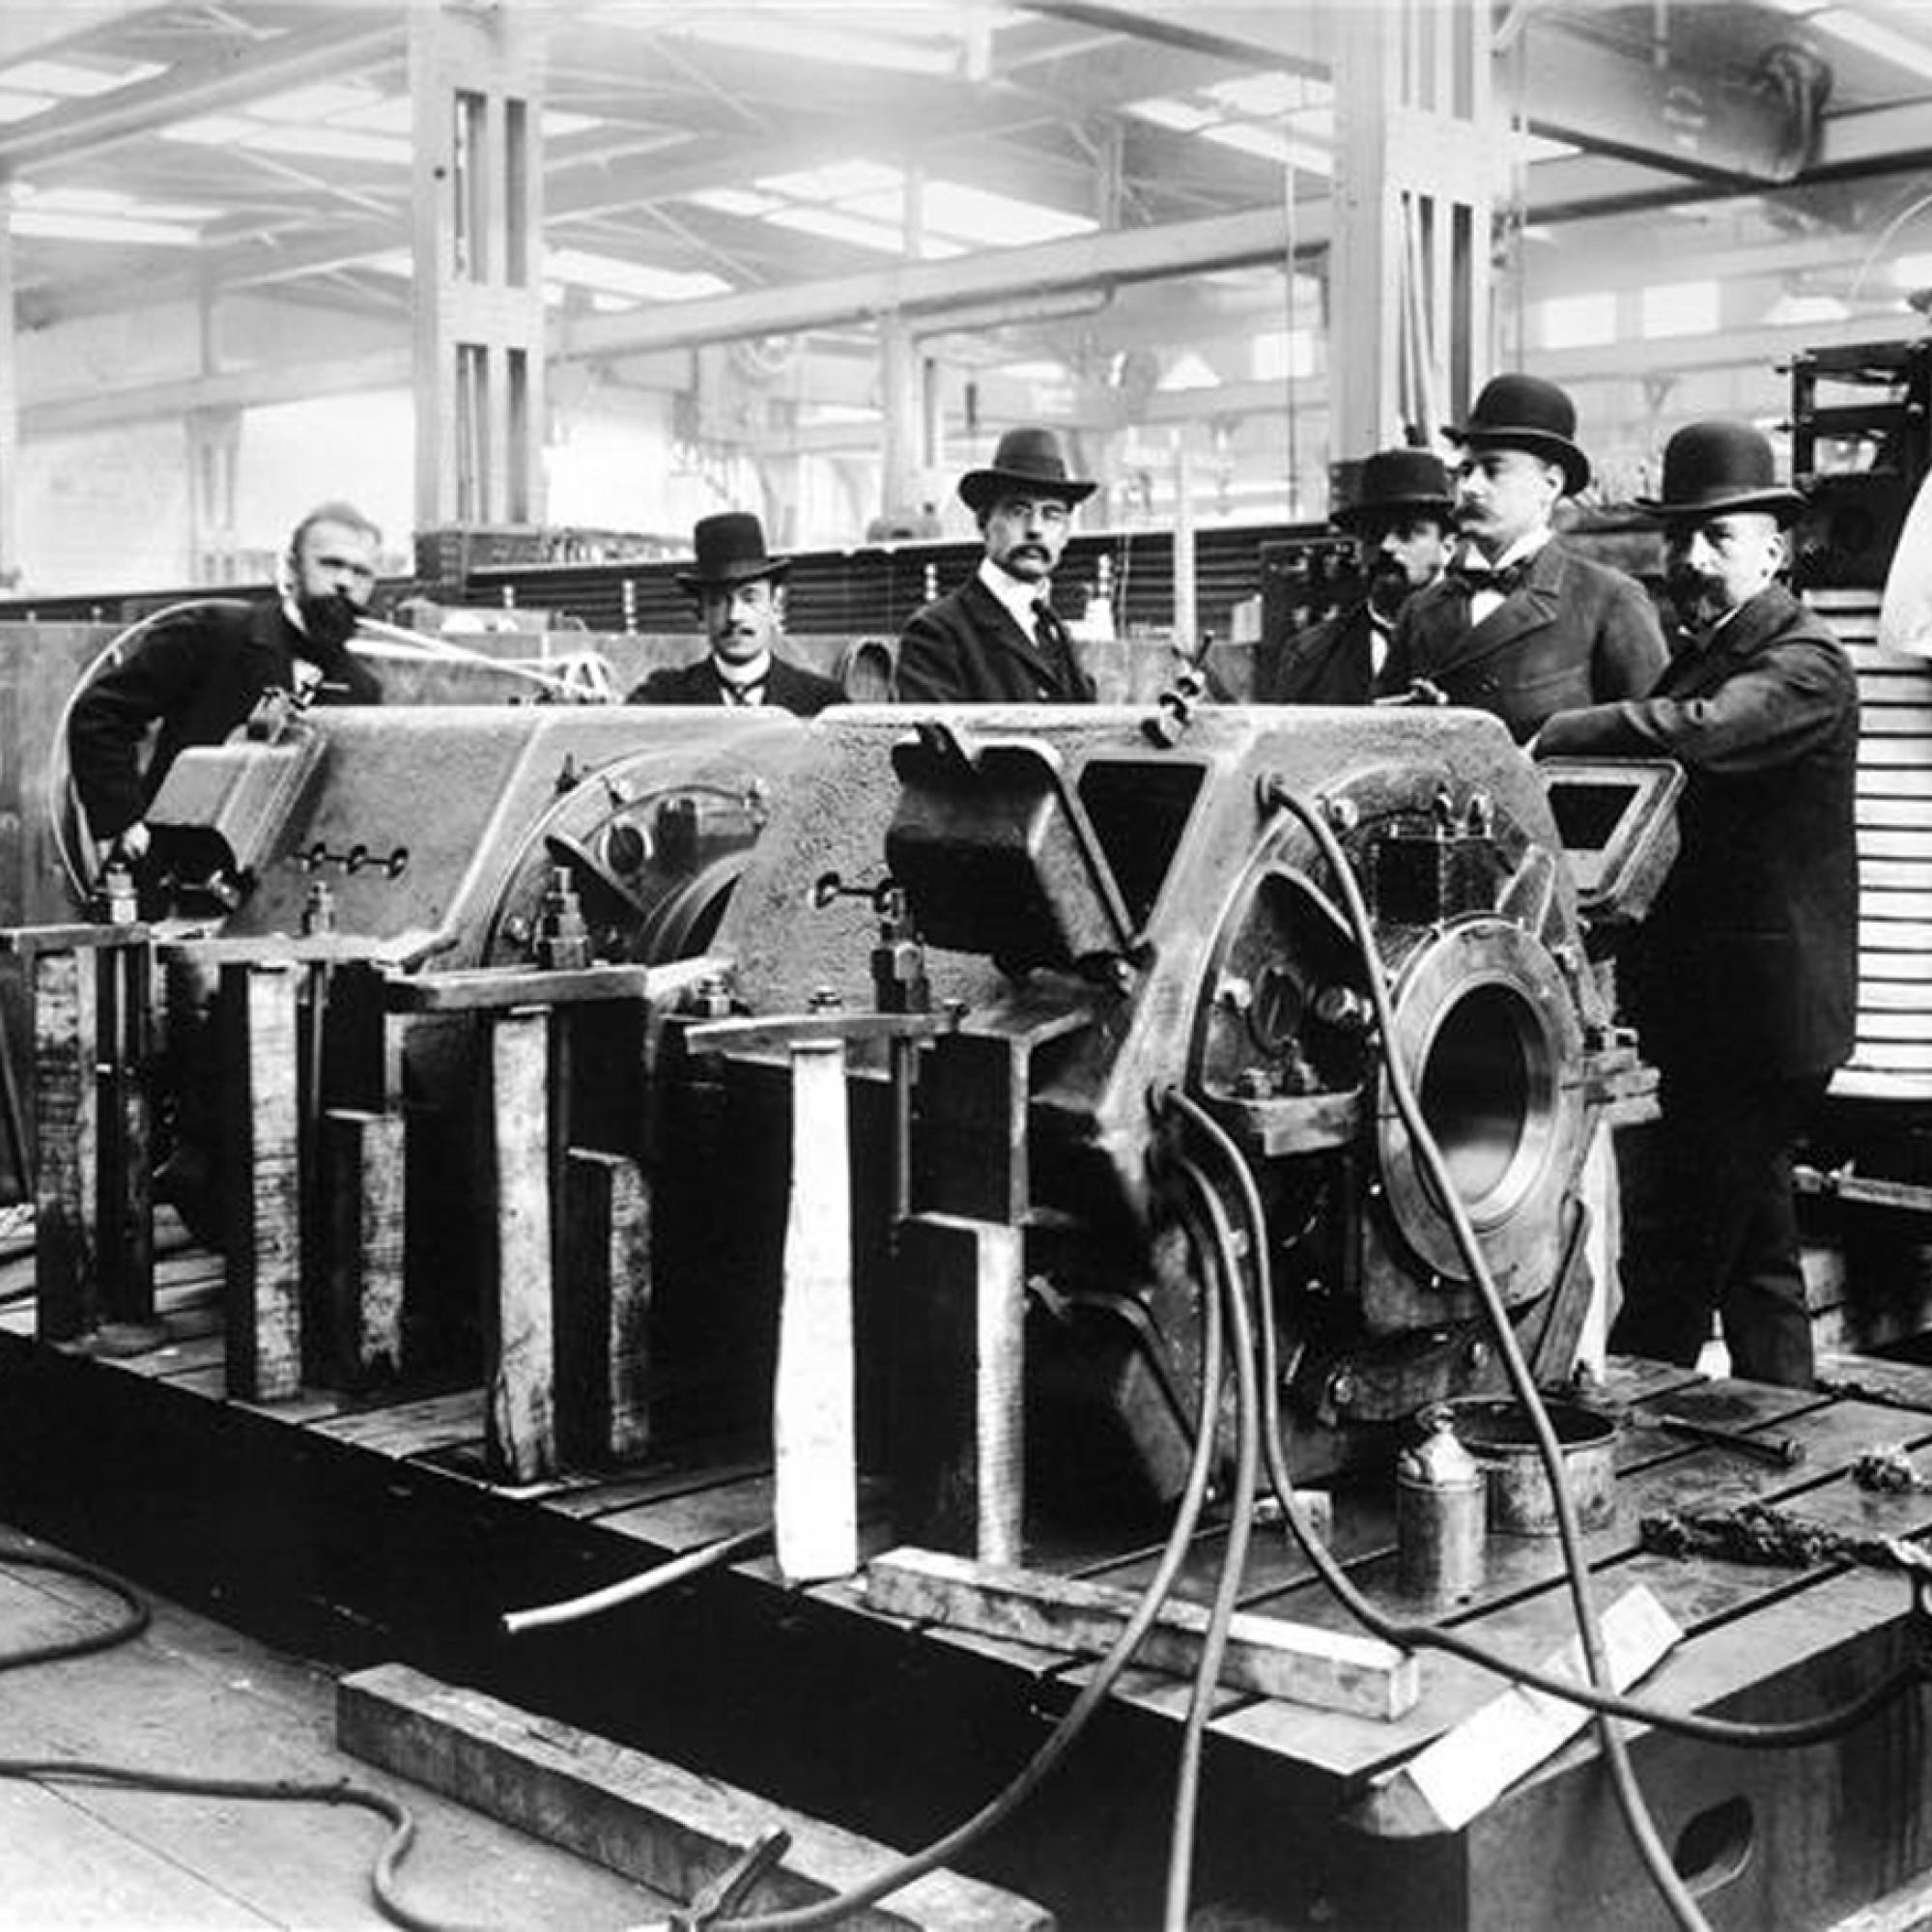 ABB: Prüfstand für Lokomotiv-Motoren, 1895.